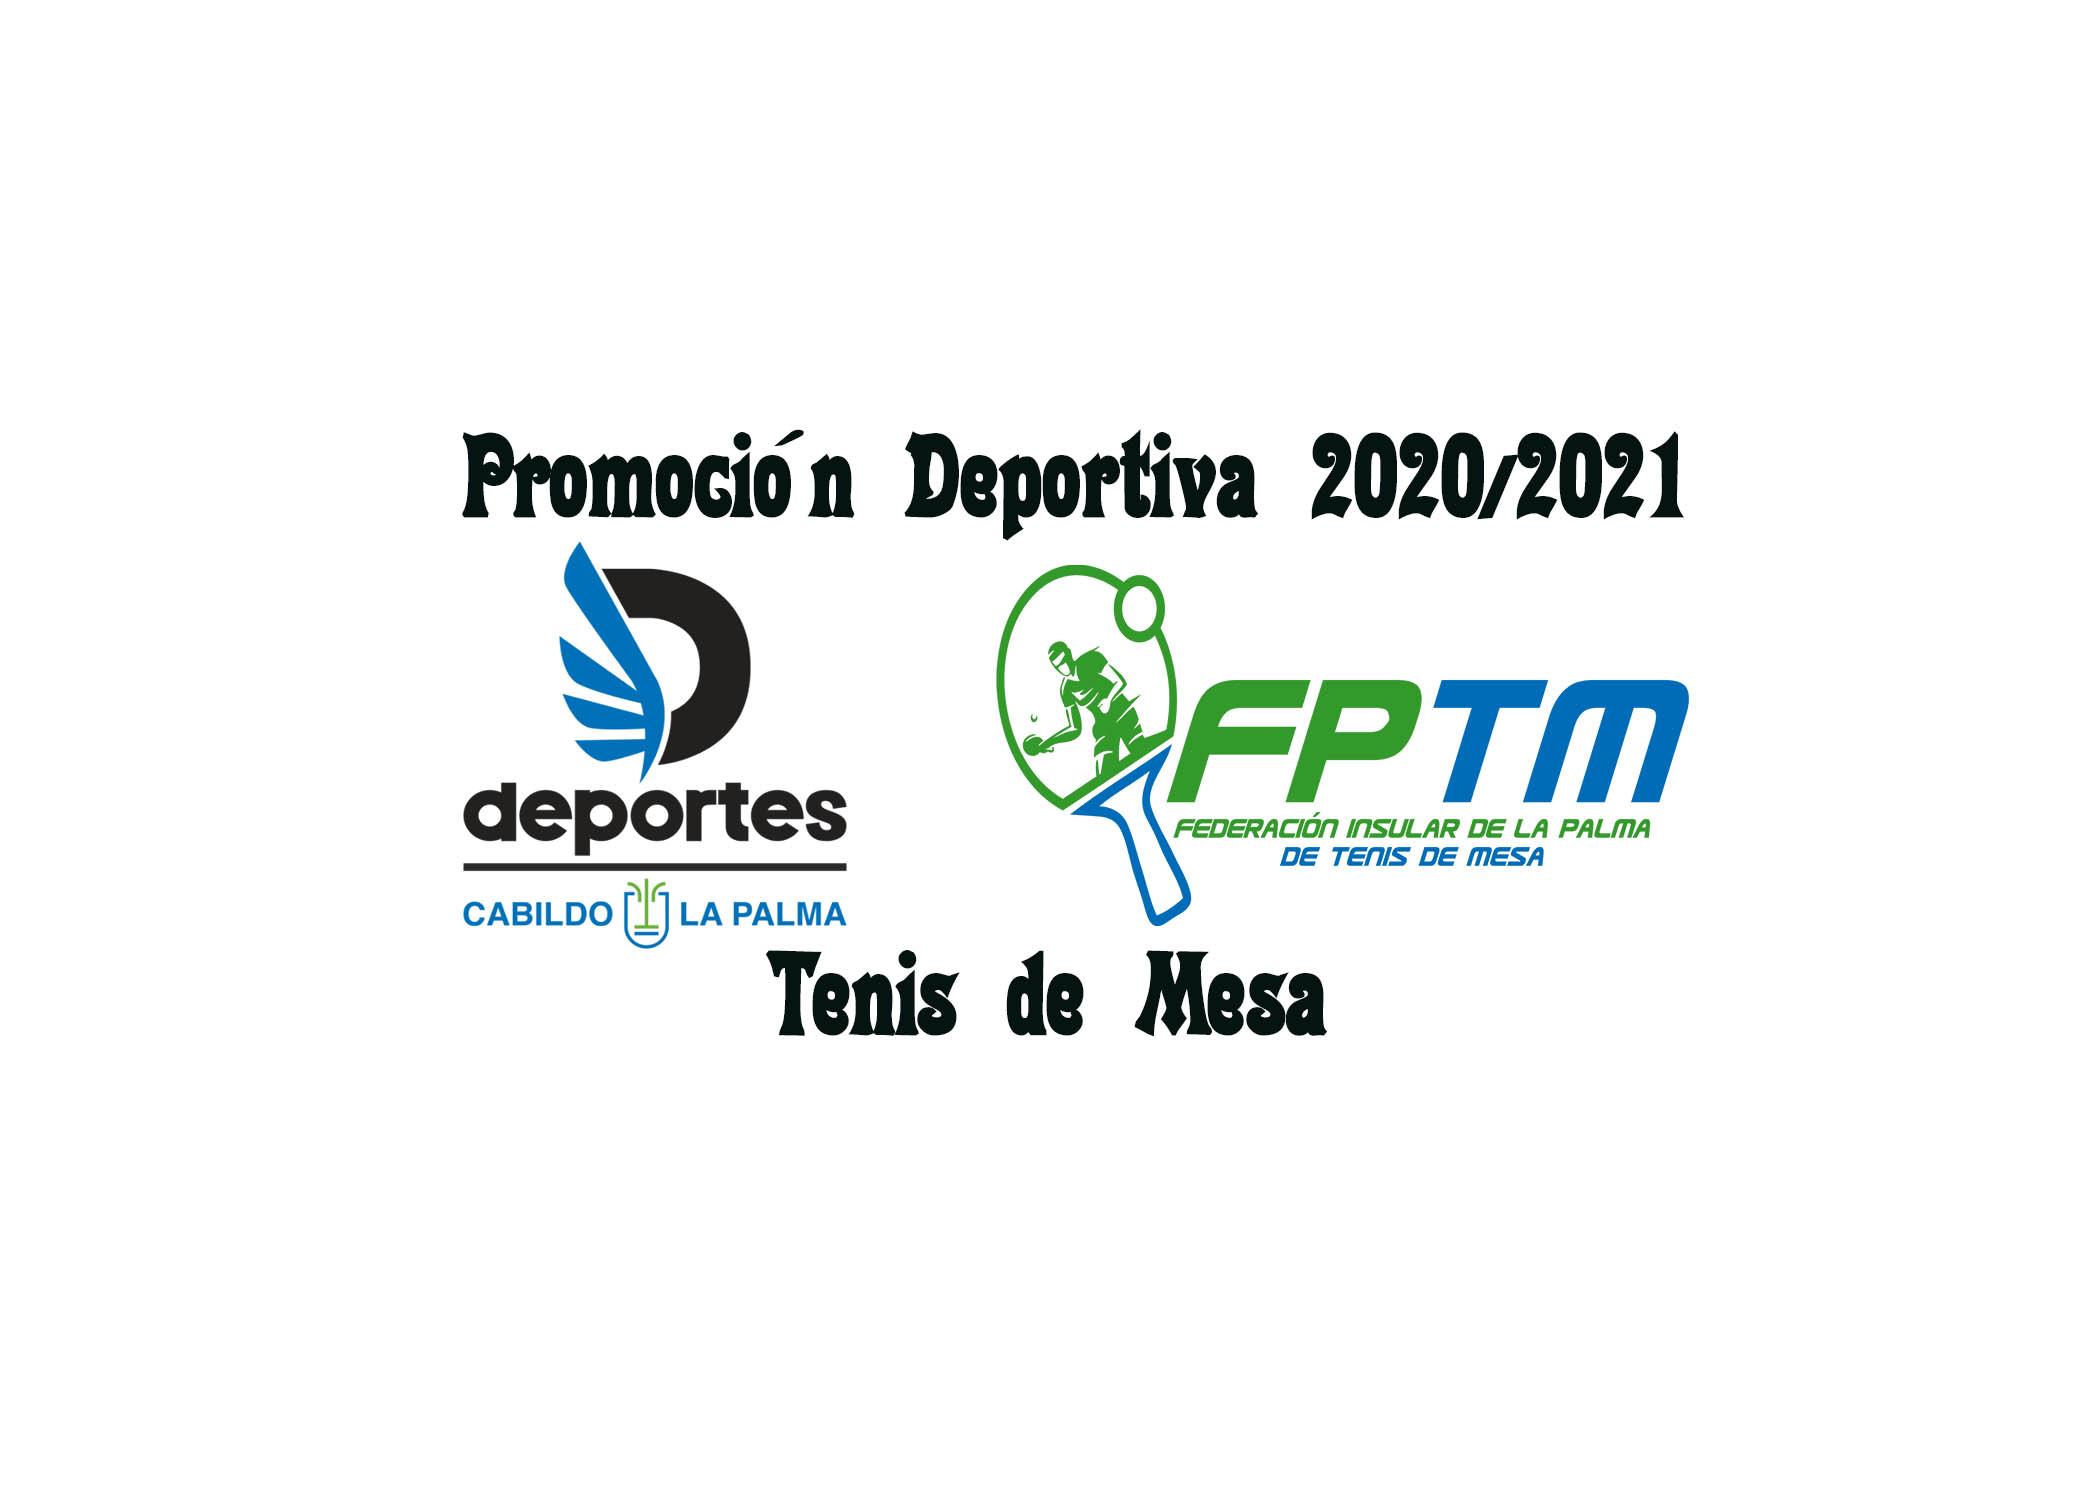 PROMOCIÓN DEPORTIVA 2020/2021